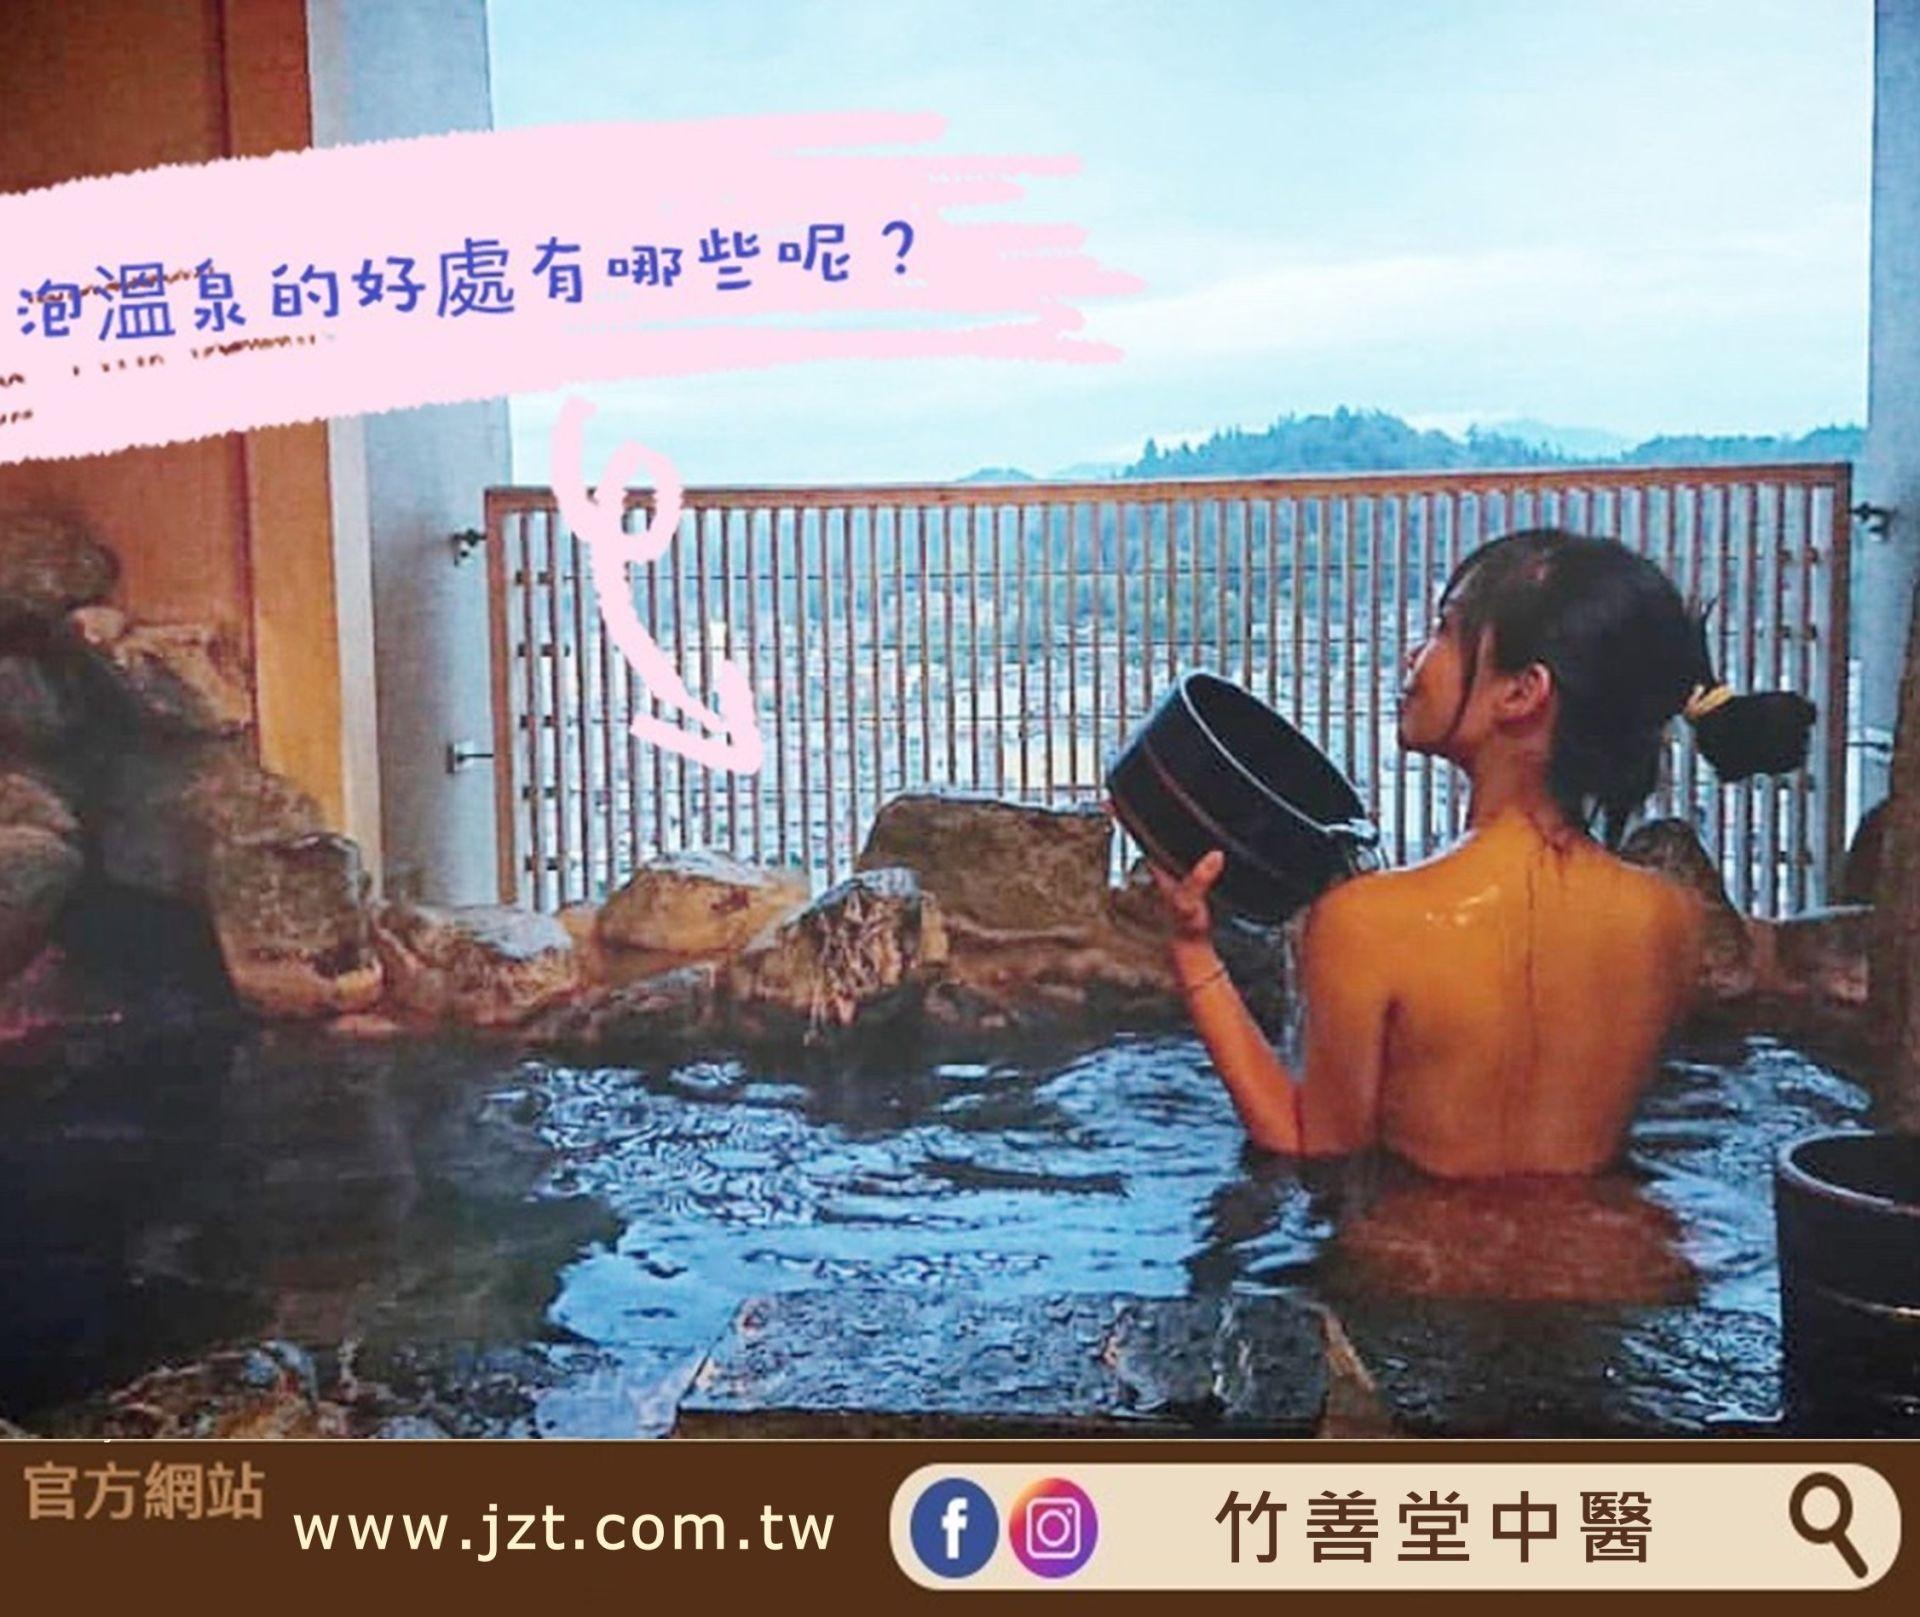 竹善堂中醫『泡溫泉』的好處有哪些